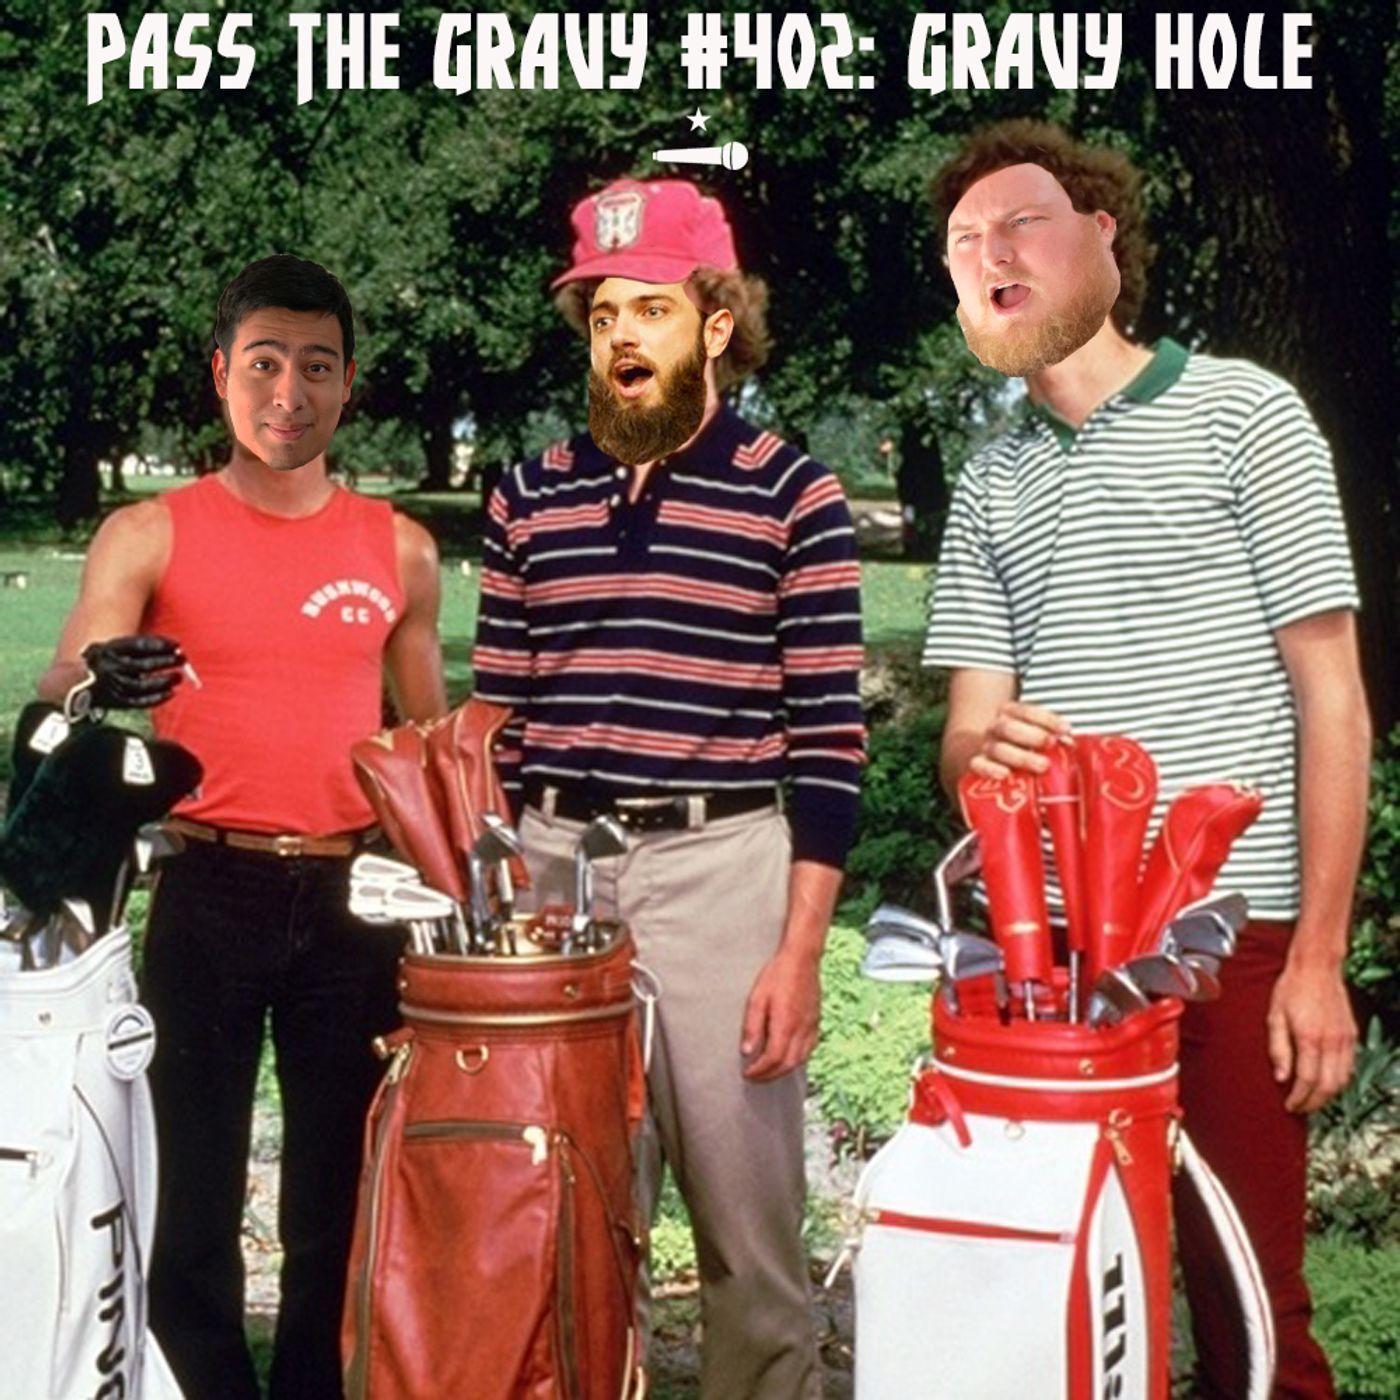 Pass The Gravy #402: Gravy Hole